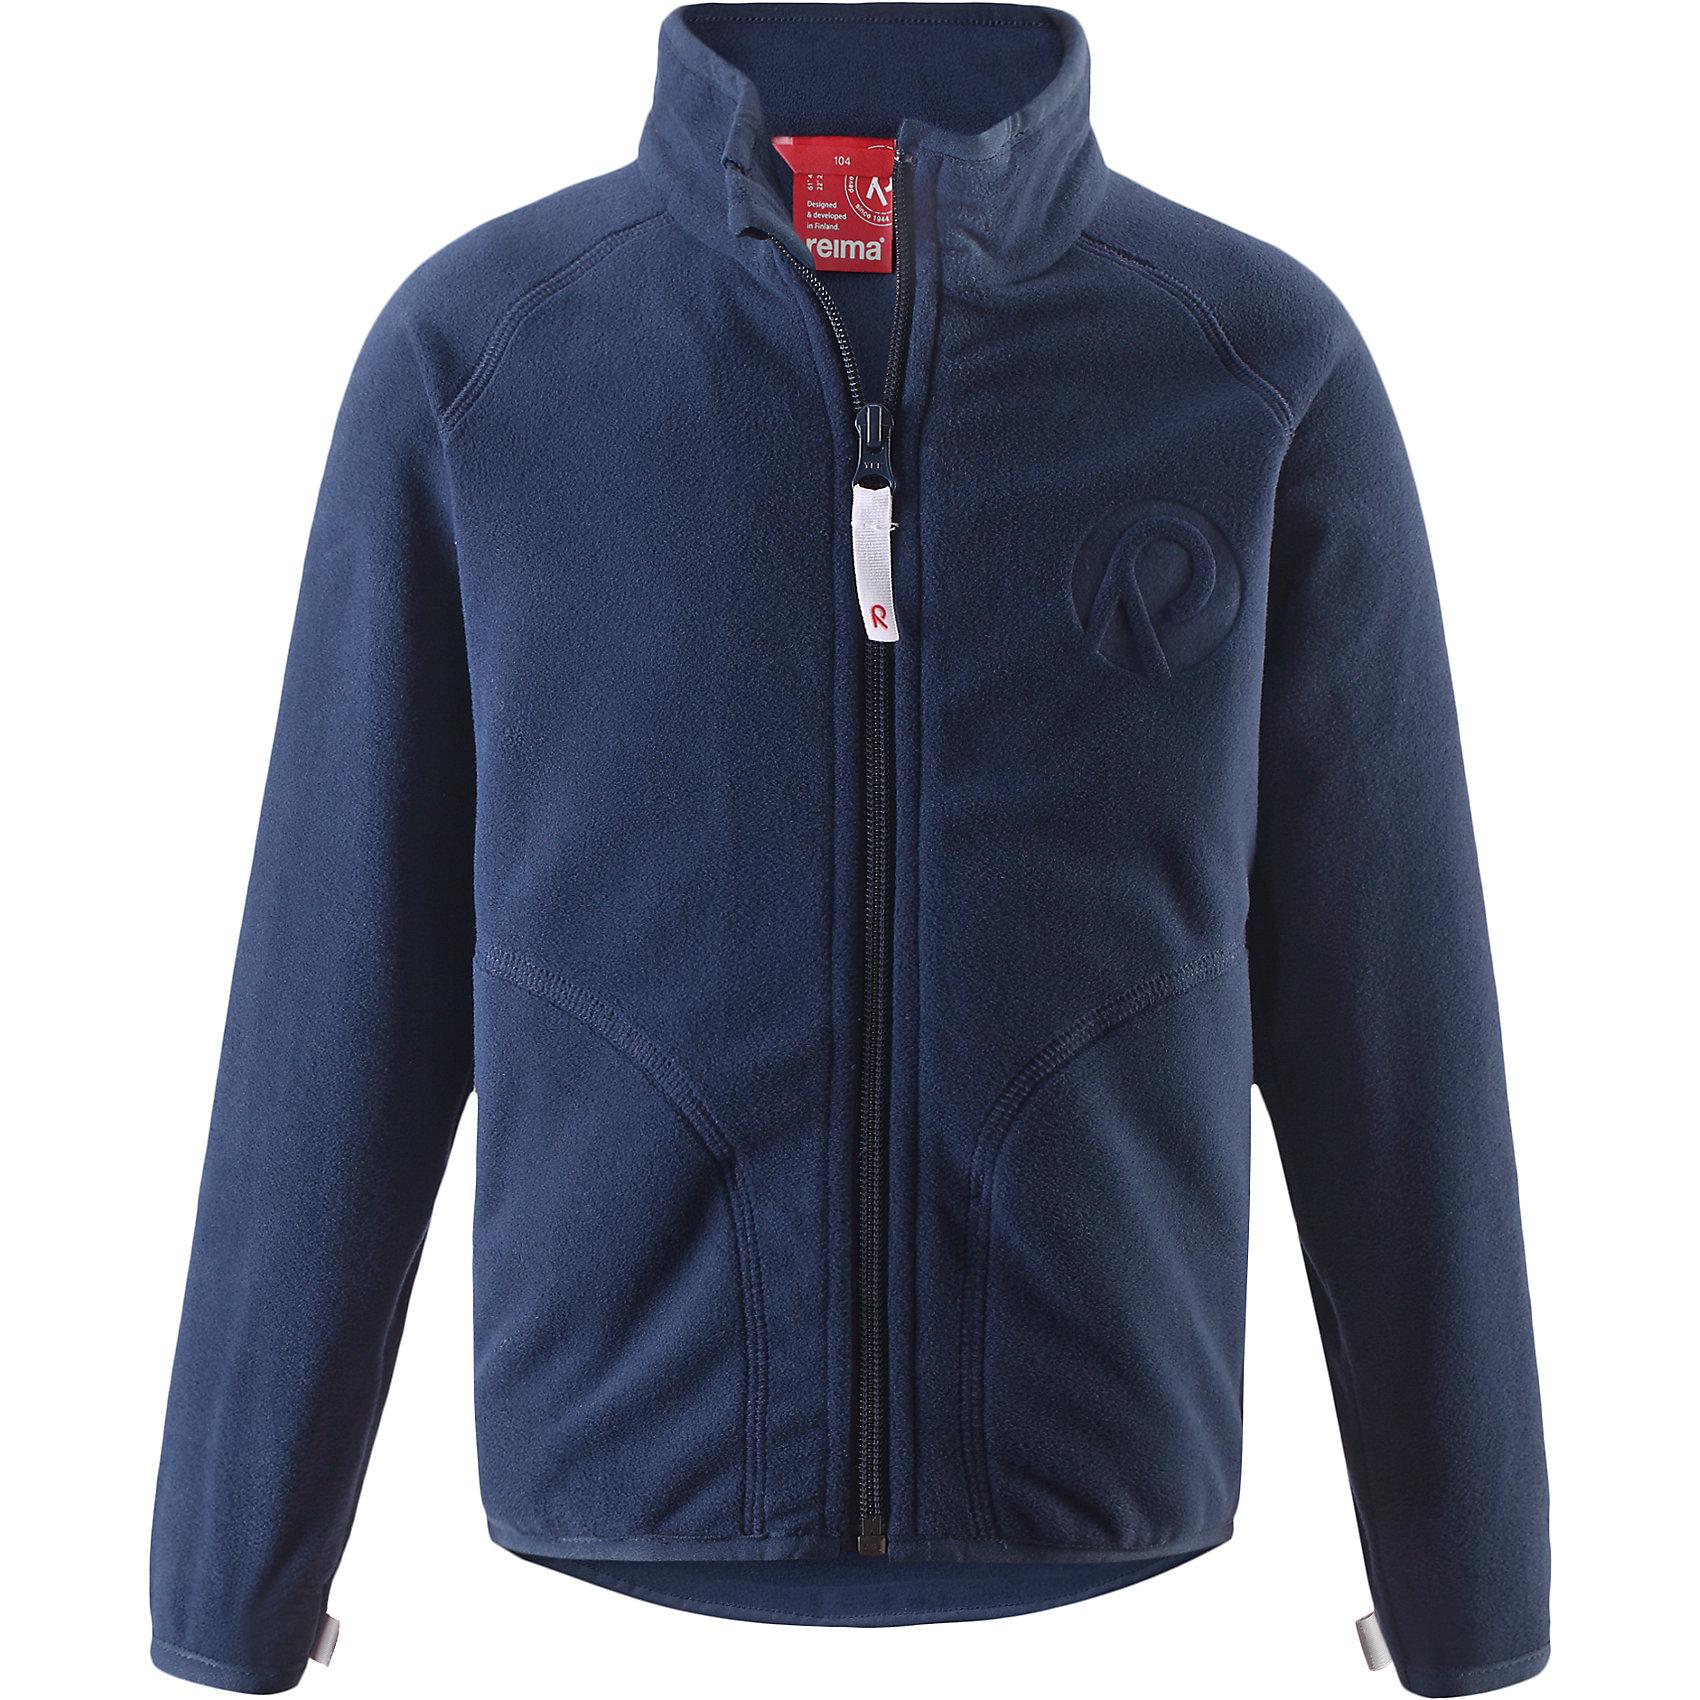 Куртка флисовая Inrun для мальчика ReimaКуртка флисовая  Reima<br>Флисовая куртка для детей. Выводит влагу наружу и быстро сохнет. Теплый, легкий и быстросохнущий поларфлис. Может пристегиваться к верхней одежде Reima® кнопками Play Layers®. Эластичные манжеты. Удлиненный подол сзади. Молния по всей длине с защитой подбородка. Боковые карманы. Аппликация.<br>Уход:<br>Стирать по отдельности, вывернув наизнанку. Застегнуть молнии. Стирать моющим средством, не содержащим отбеливающие вещества. Полоскать без специального средства.  Сушить при низкой температуре.<br>Состав:<br>100% Полиэстер<br><br>Ширина мм: 356<br>Глубина мм: 10<br>Высота мм: 245<br>Вес г: 519<br>Цвет: синий<br>Возраст от месяцев: 18<br>Возраст до месяцев: 24<br>Пол: Мужской<br>Возраст: Детский<br>Размер: 92,122,116,110,104,140,98,134,128<br>SKU: 4779122